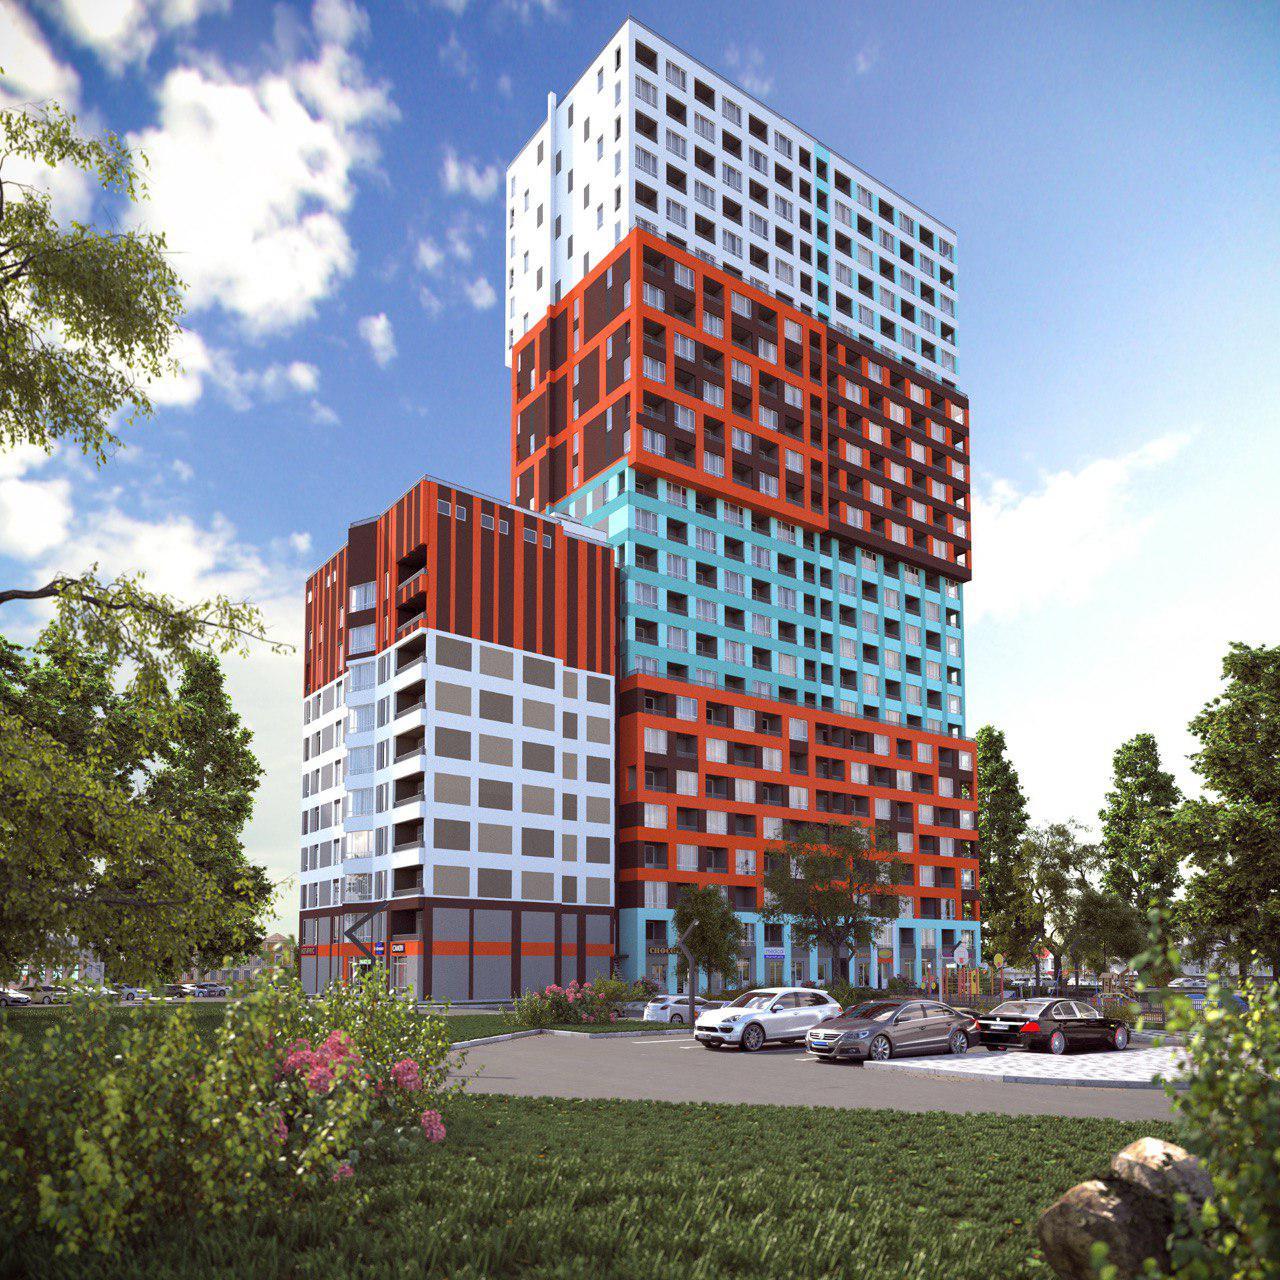 76 квартир нададуть учасникам АТО/ООС у Броварах в 2020 році: виїзна робоча нарада -  - photo 2019 08 21 12 57 36